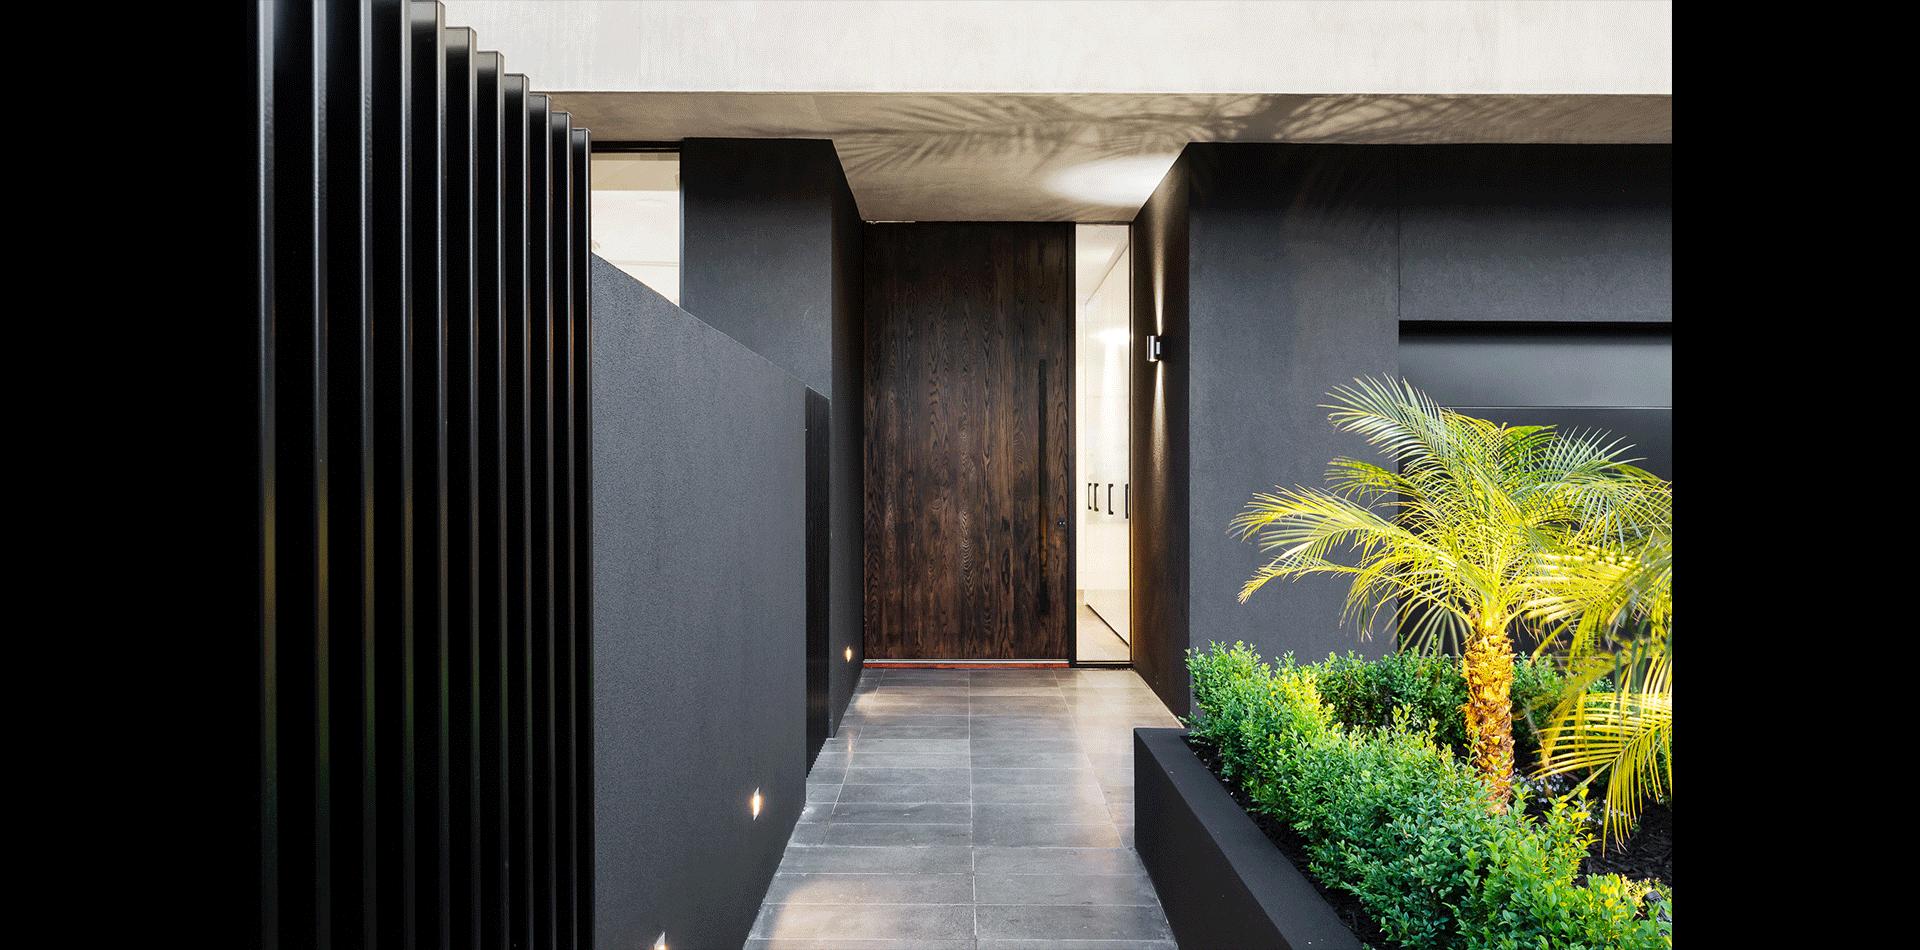 2A Roslyn St - exterior door